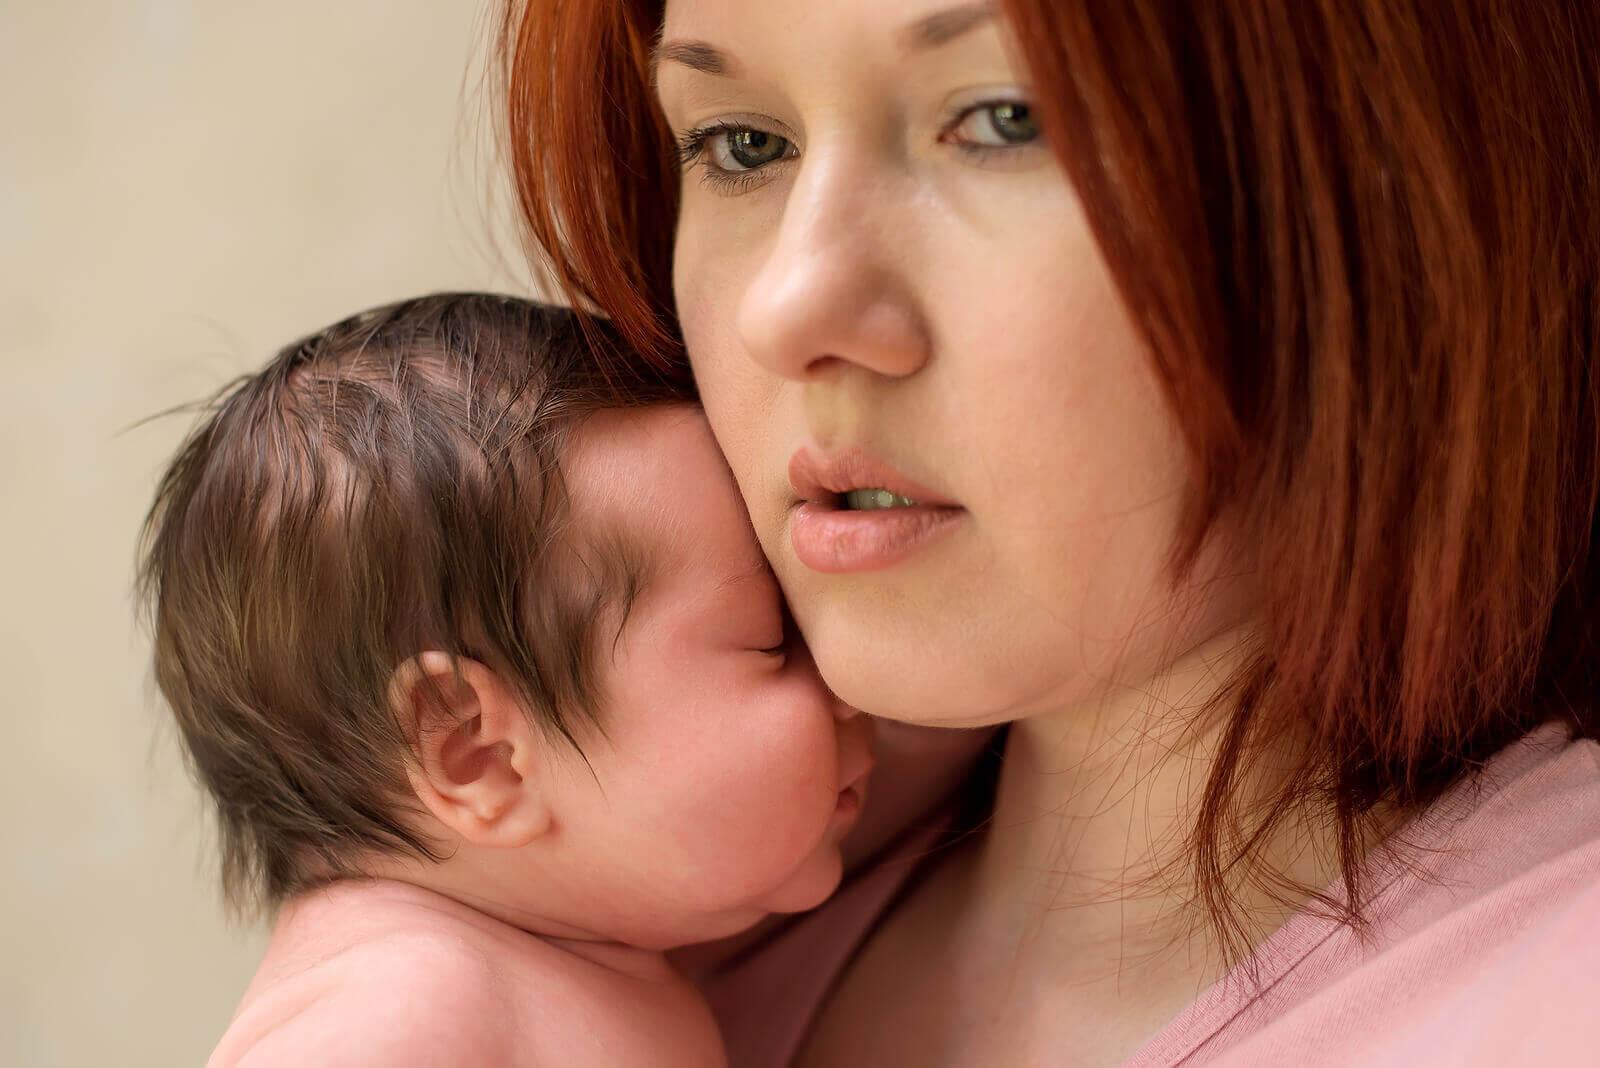 ångest efter förlossning: mamma håller nyfödd